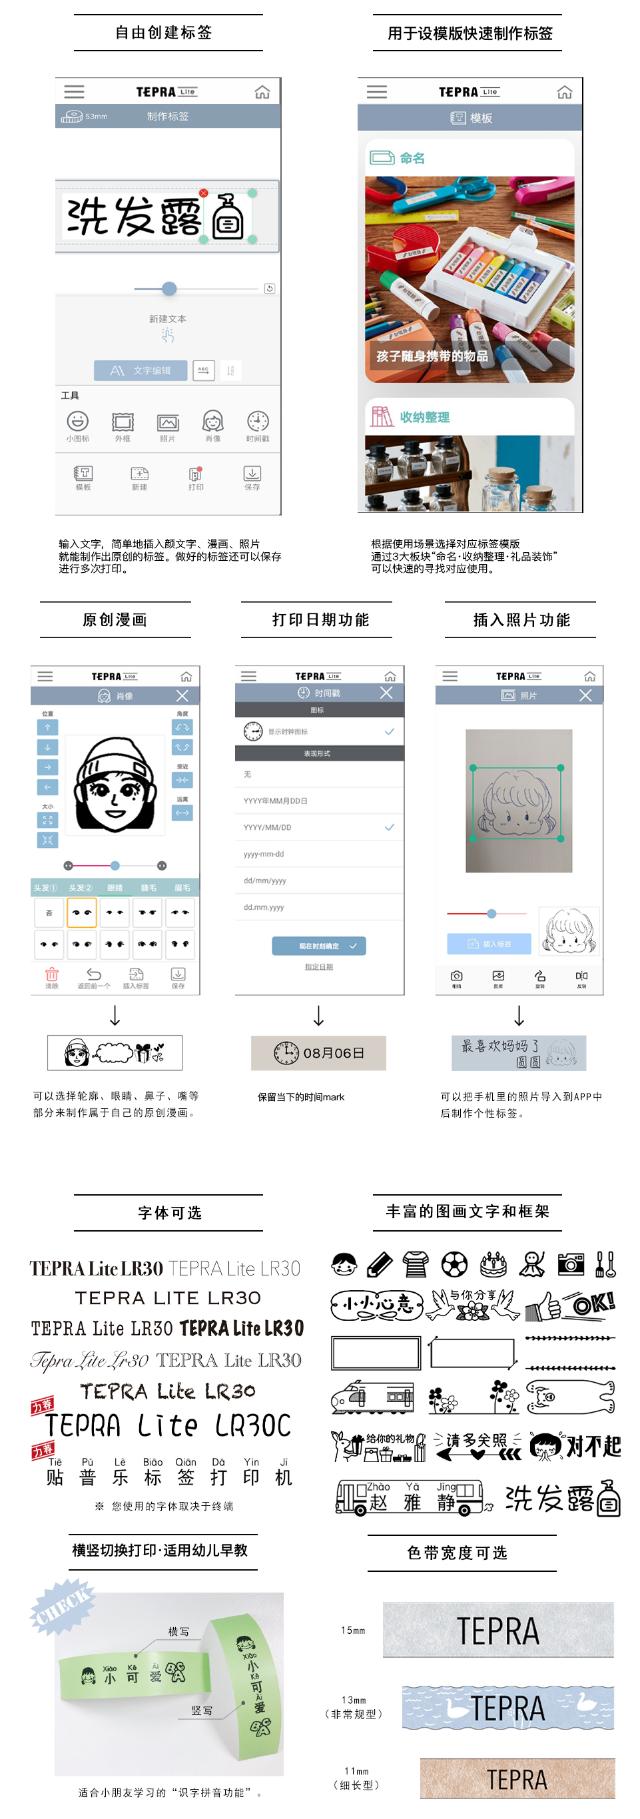 キングジム提供_中国語アプリ説明2